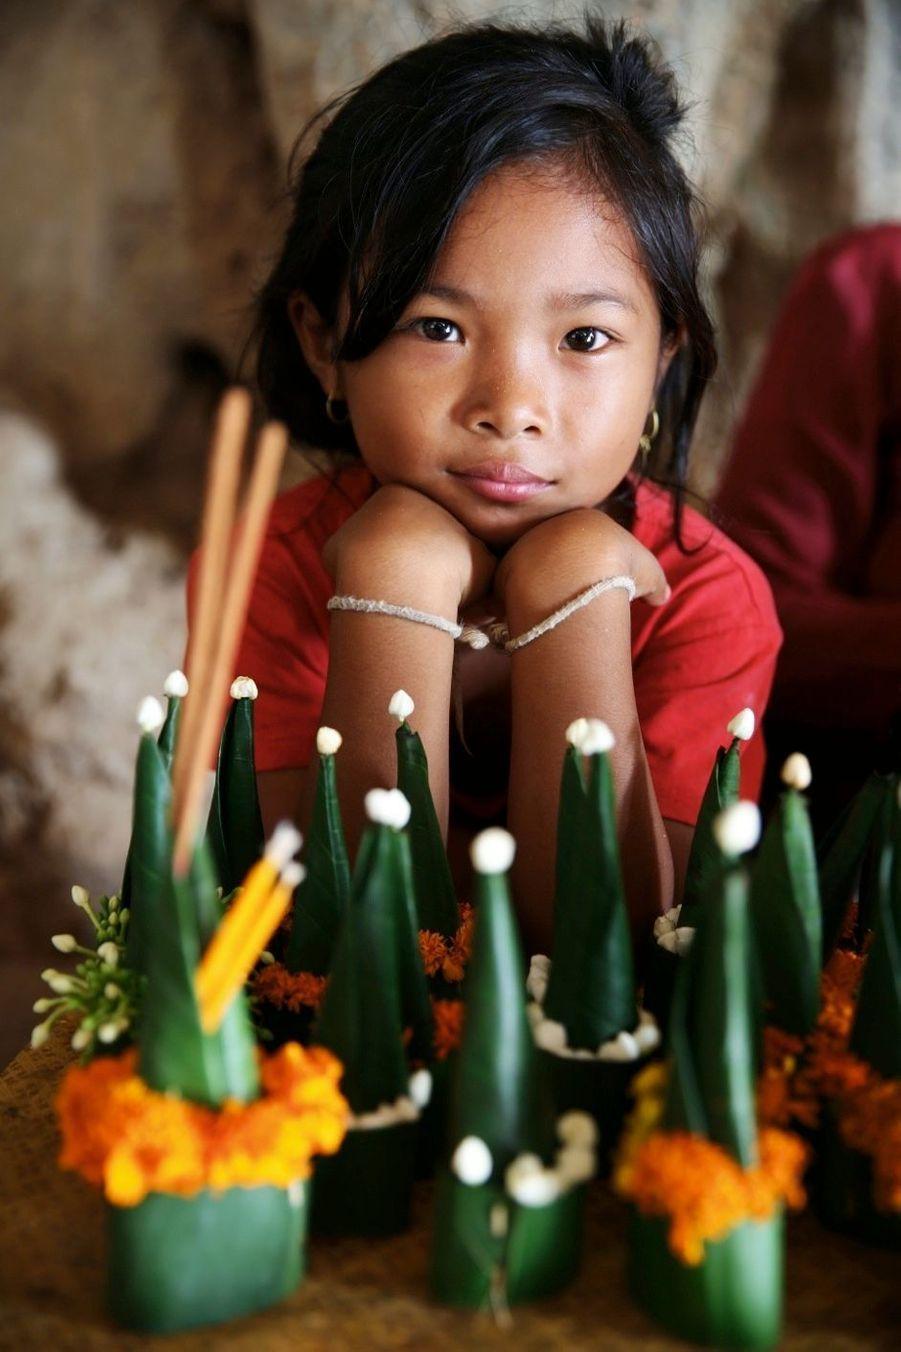 Escale aux grottes de Pak Ou, près de Luang Prabang, ornées de 4 000 icônes de bouddha, dont cette petite fille est (avec sa maman), l'une des gardiennes